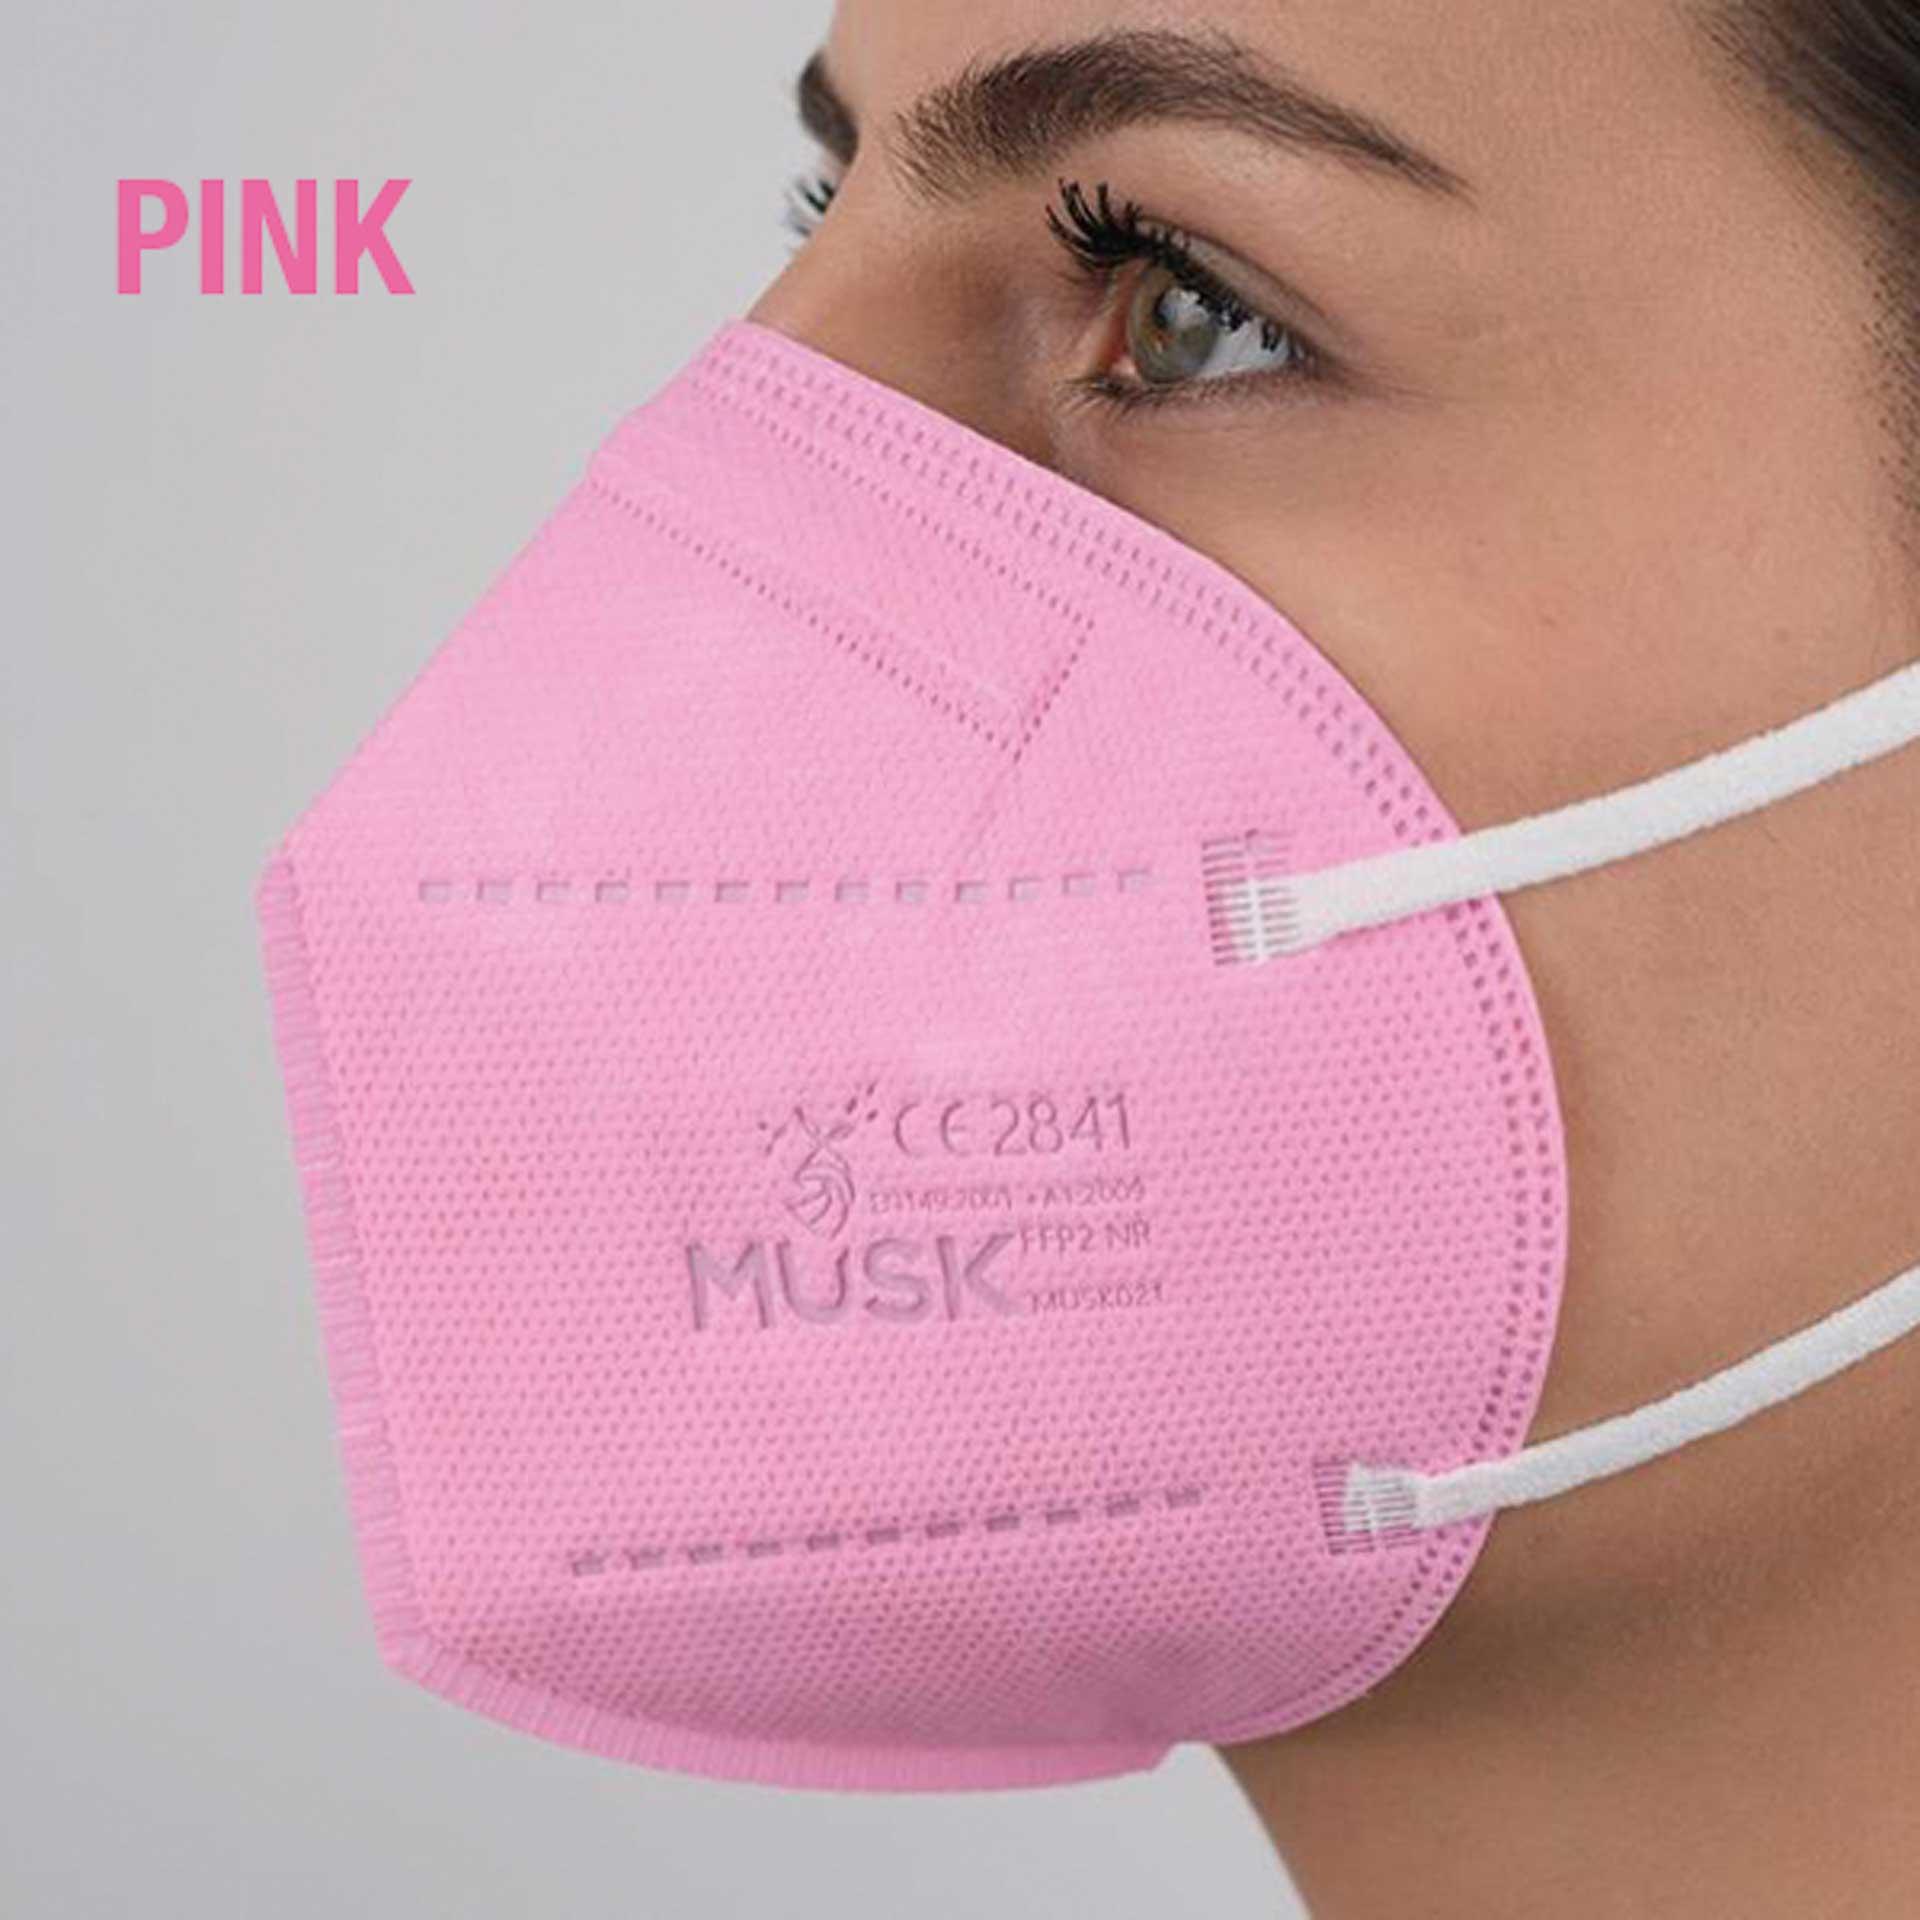 R&G Atemschutzmaske PINK, FFP2 NR, Packung/ 1 St.